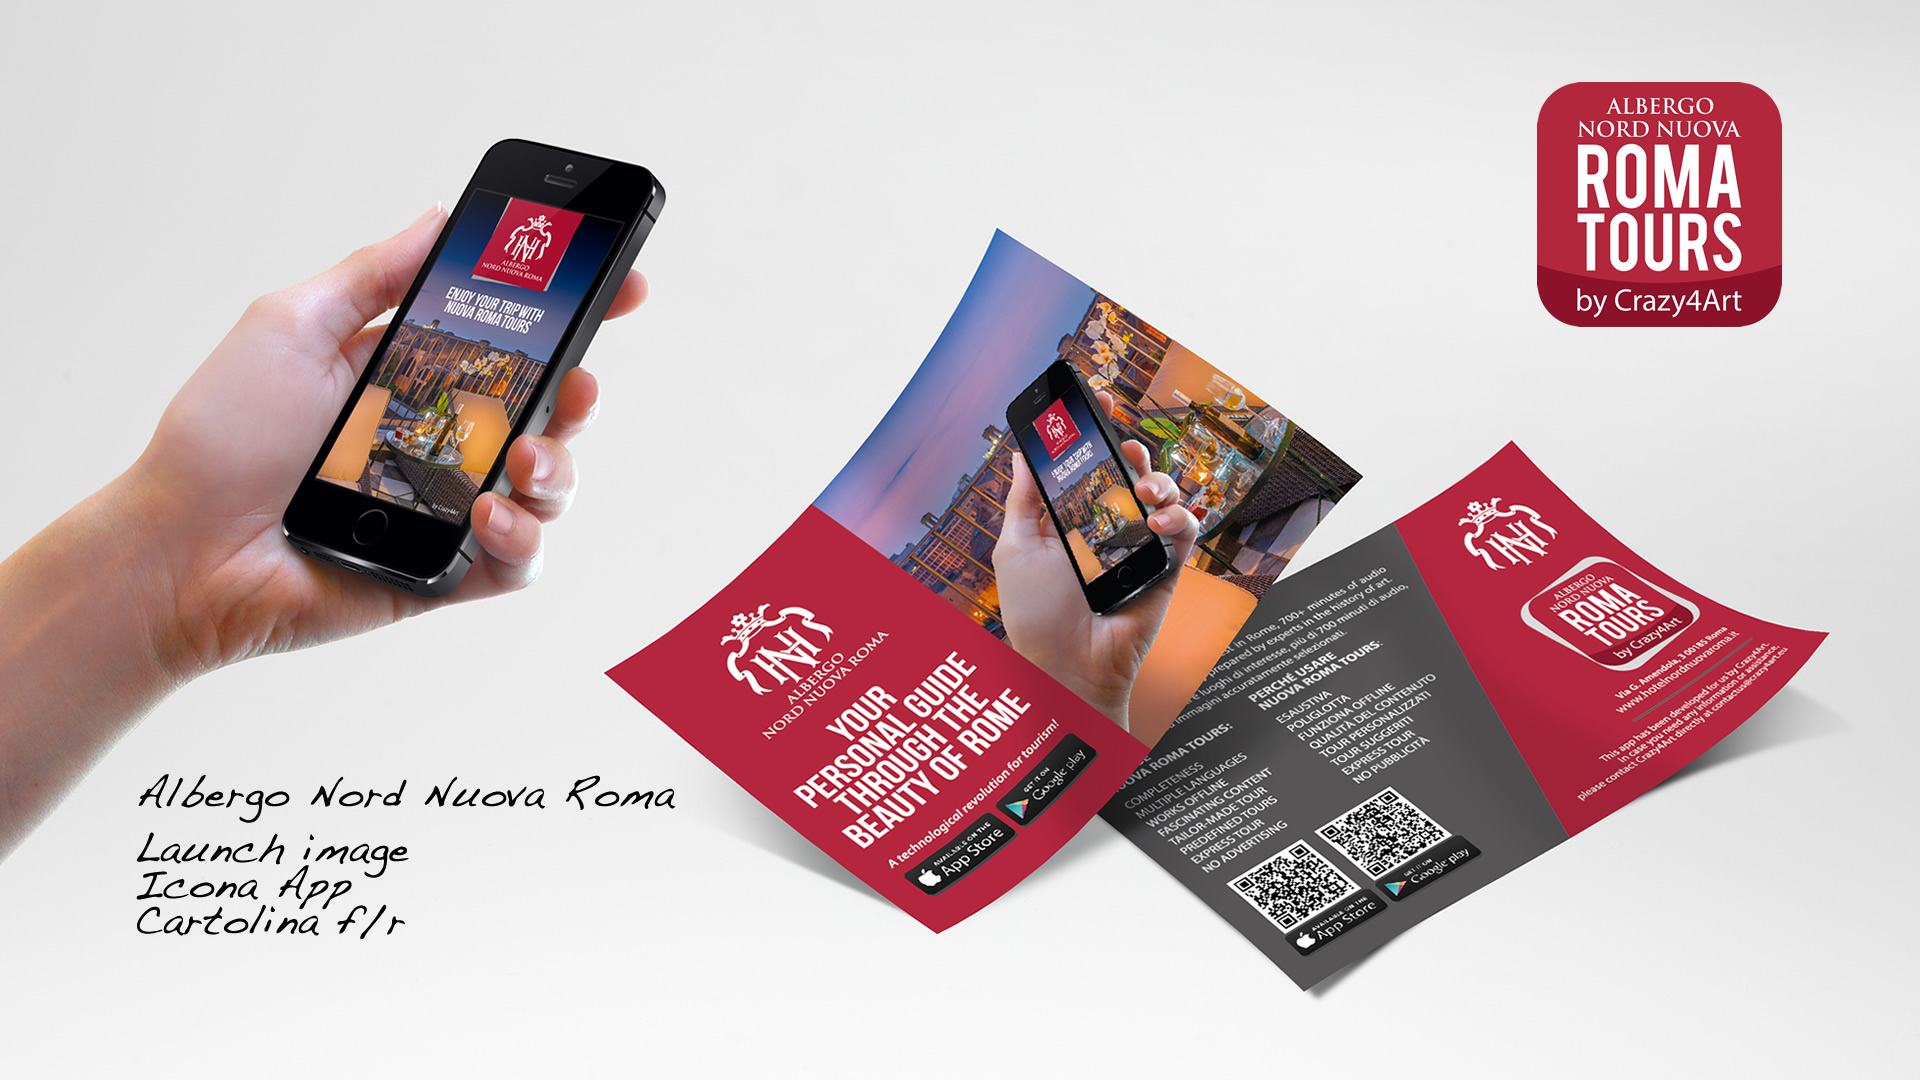 Crazy4Art Albergo Nord Nuova Roma App audioguida - Patrizio Rossi - realizzazione immagini play store - apple app store- web graphic designer